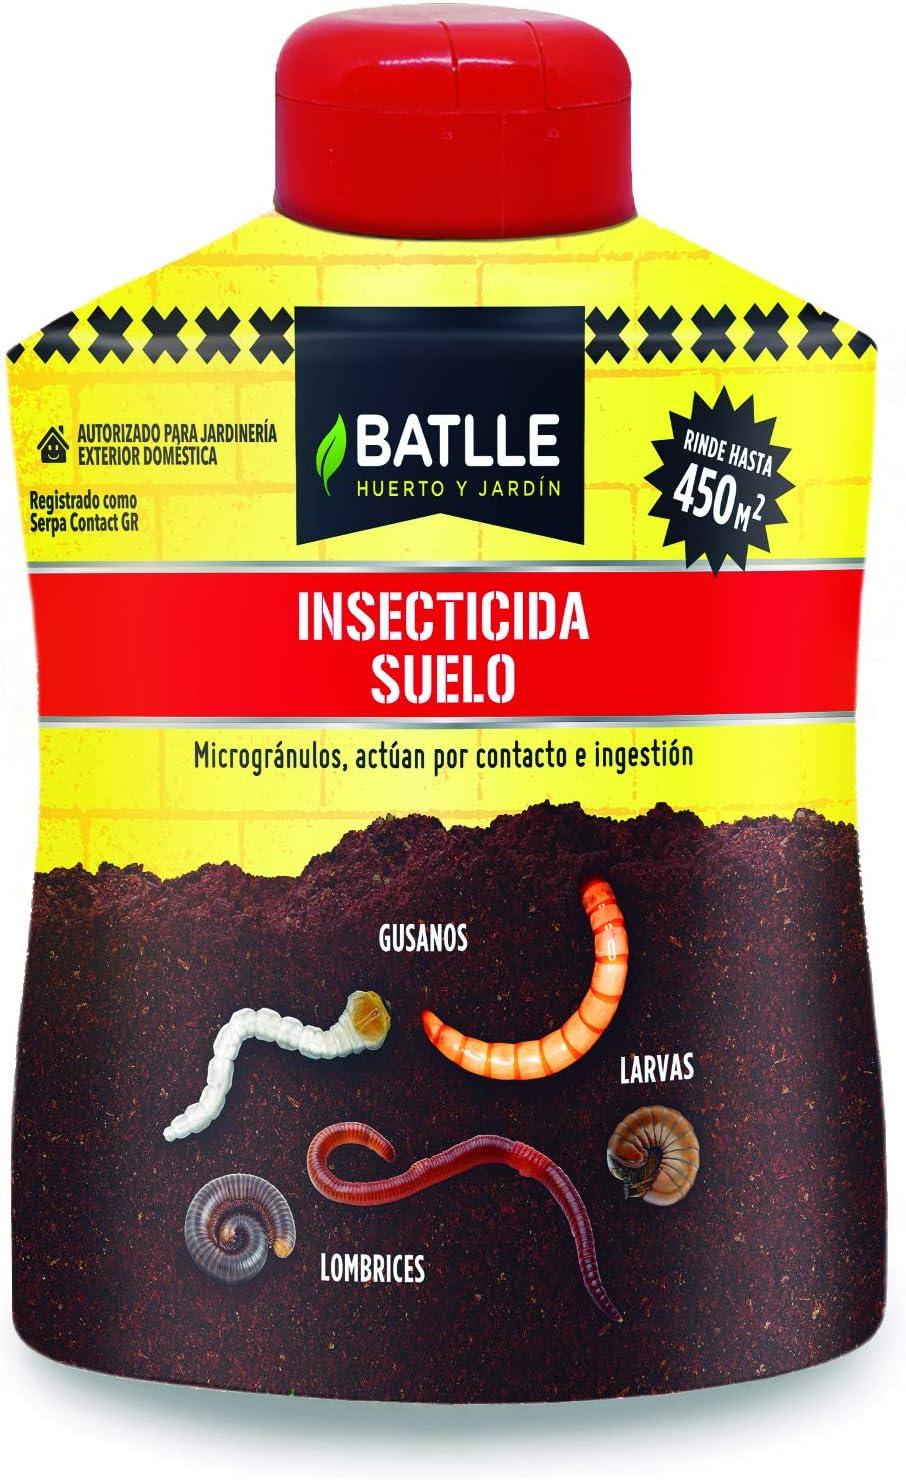 Fitosanitarios - Insecticida Suelo - Batlle: Amazon.es: Jardín